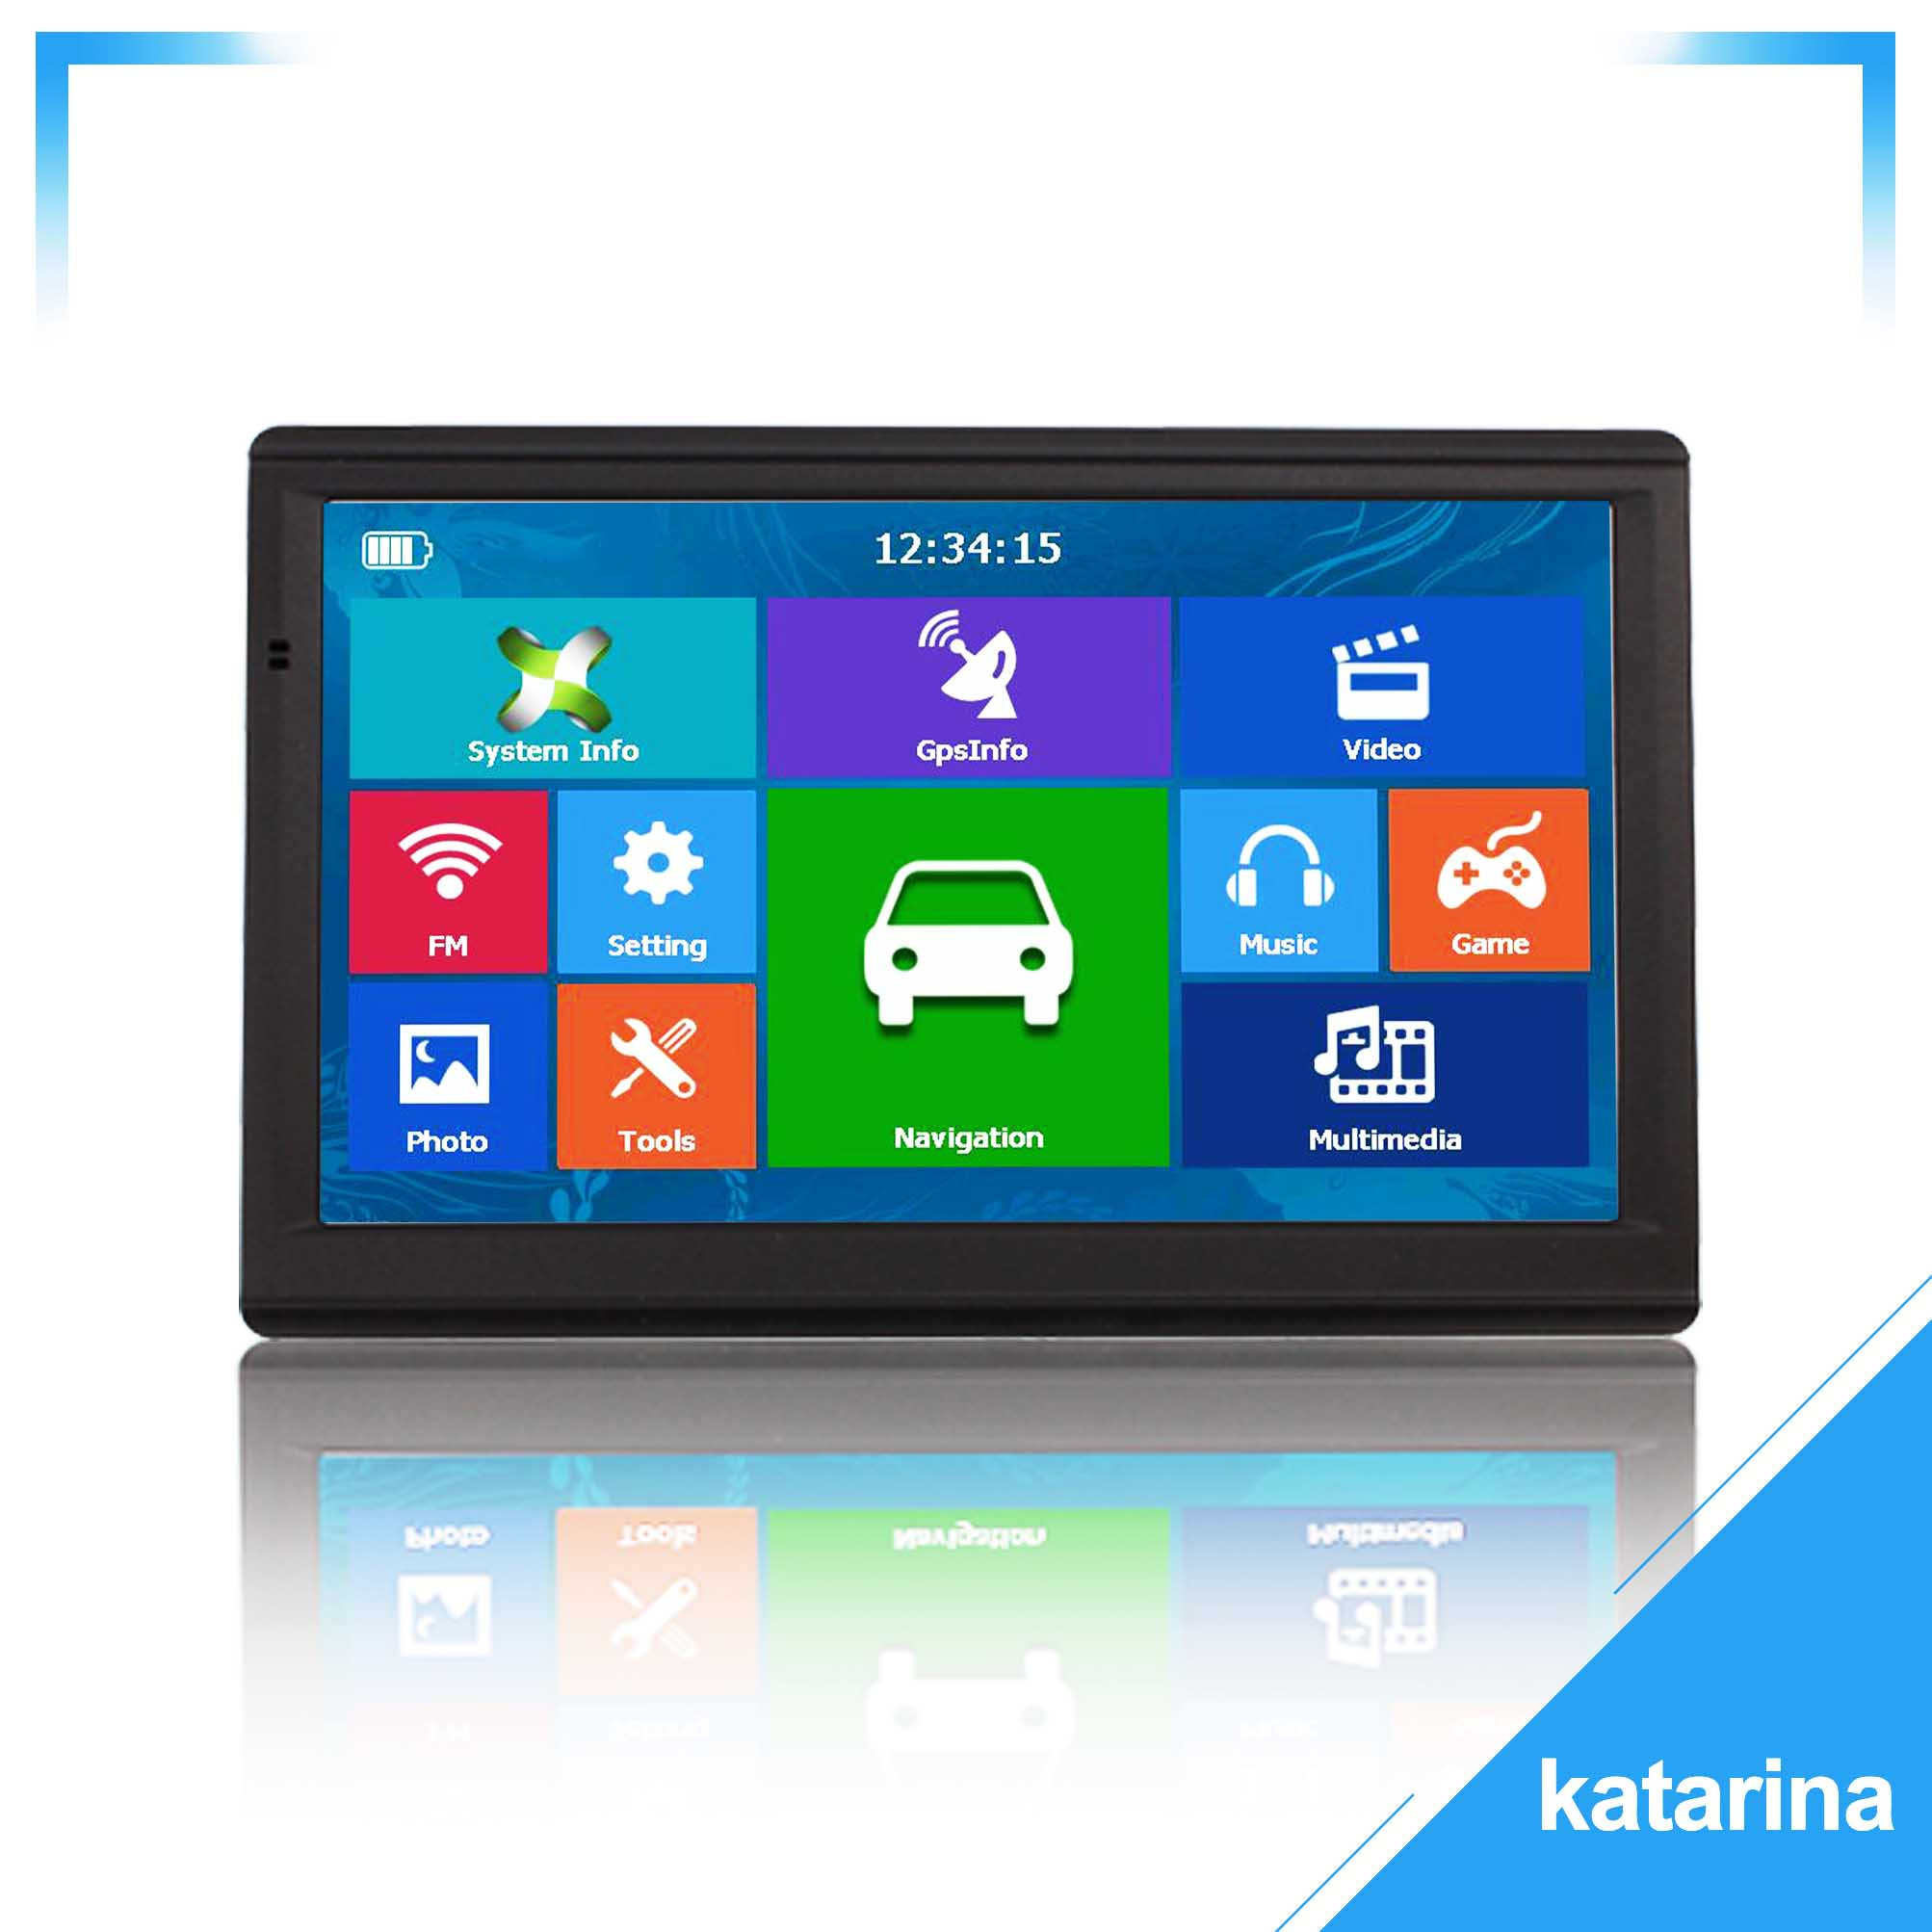 """733 katarina 7 """"HD 8G 256MB Capacitiva de Navegação GPS Do Carro FM AVIN Do Bluetooth mais recente Europa Mapa Caminhão navegadores gps"""